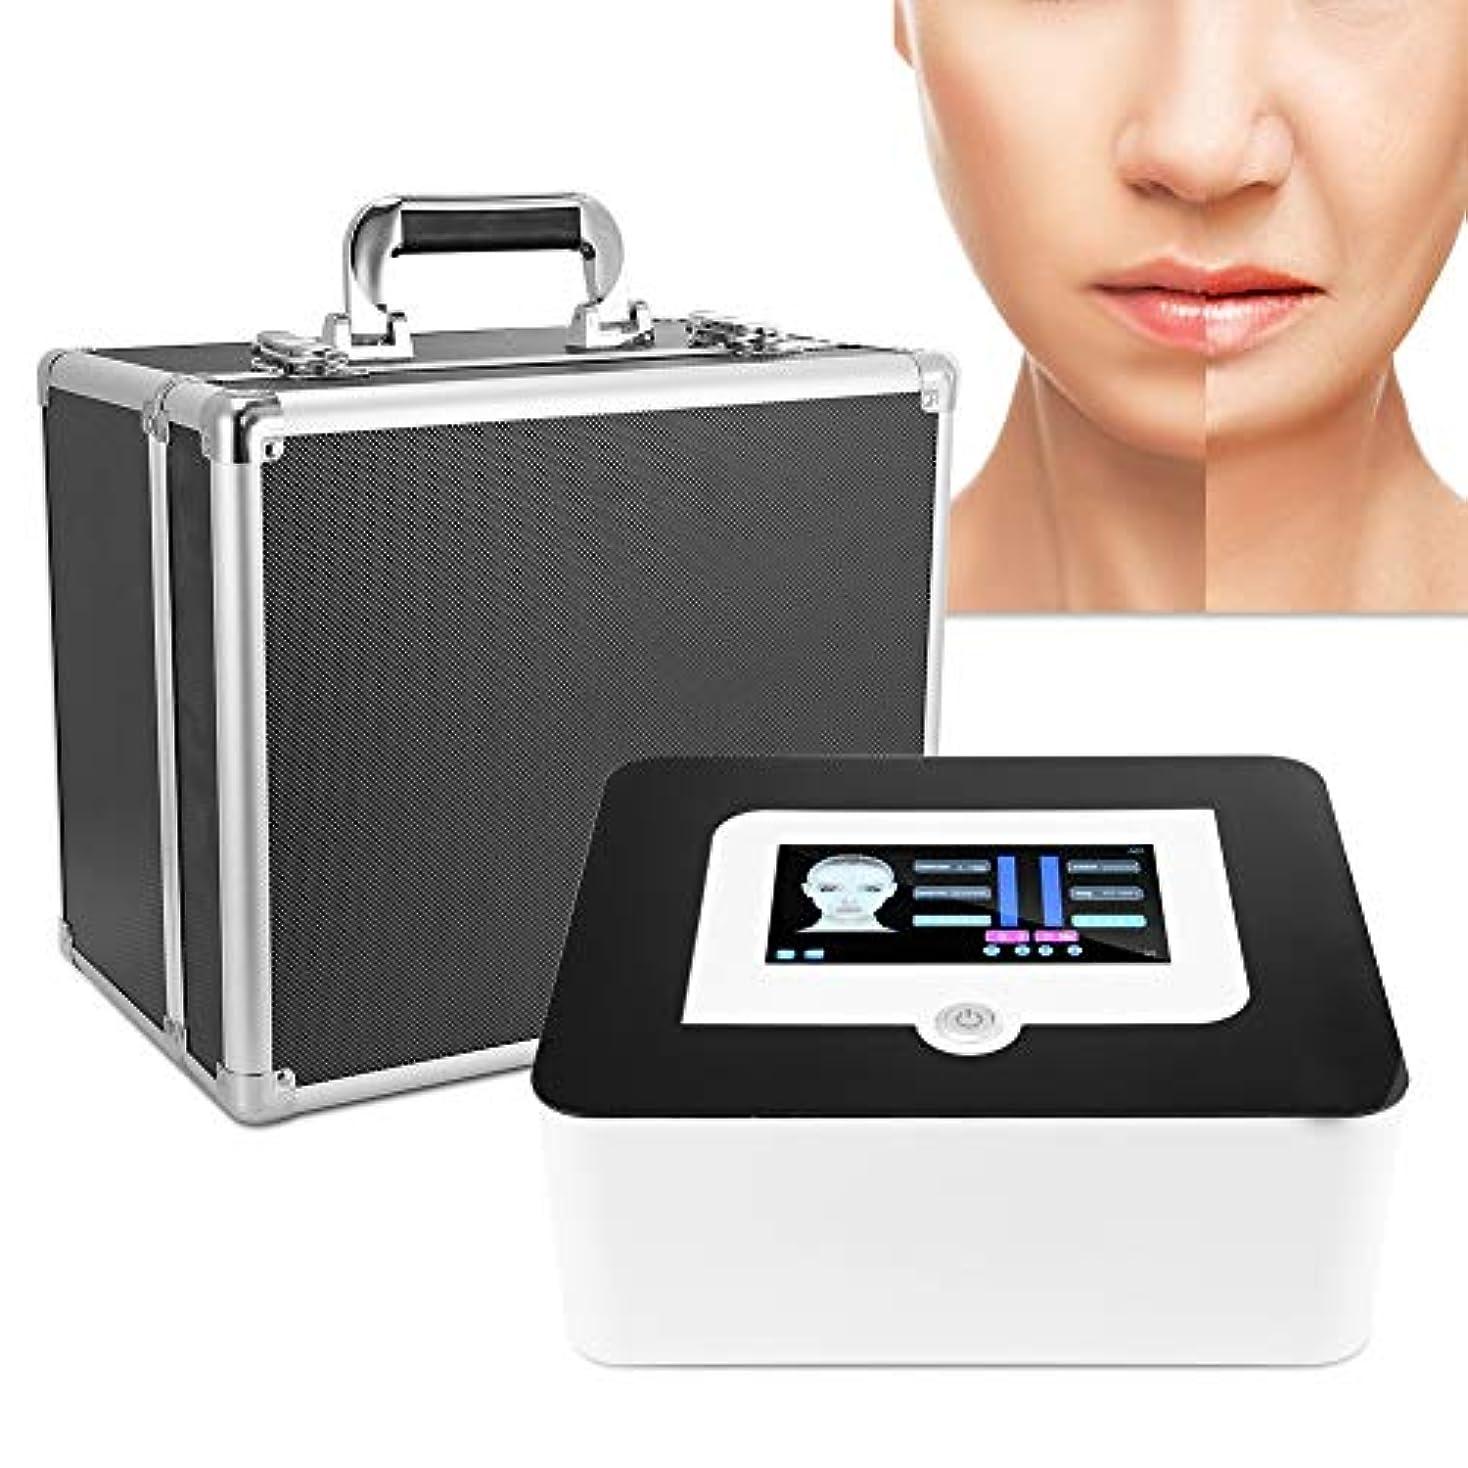 ロッジ技術テザー携帯用精密は美の器械、機械顔のきつく締まる機械を切り分けます(米国のプラグ)